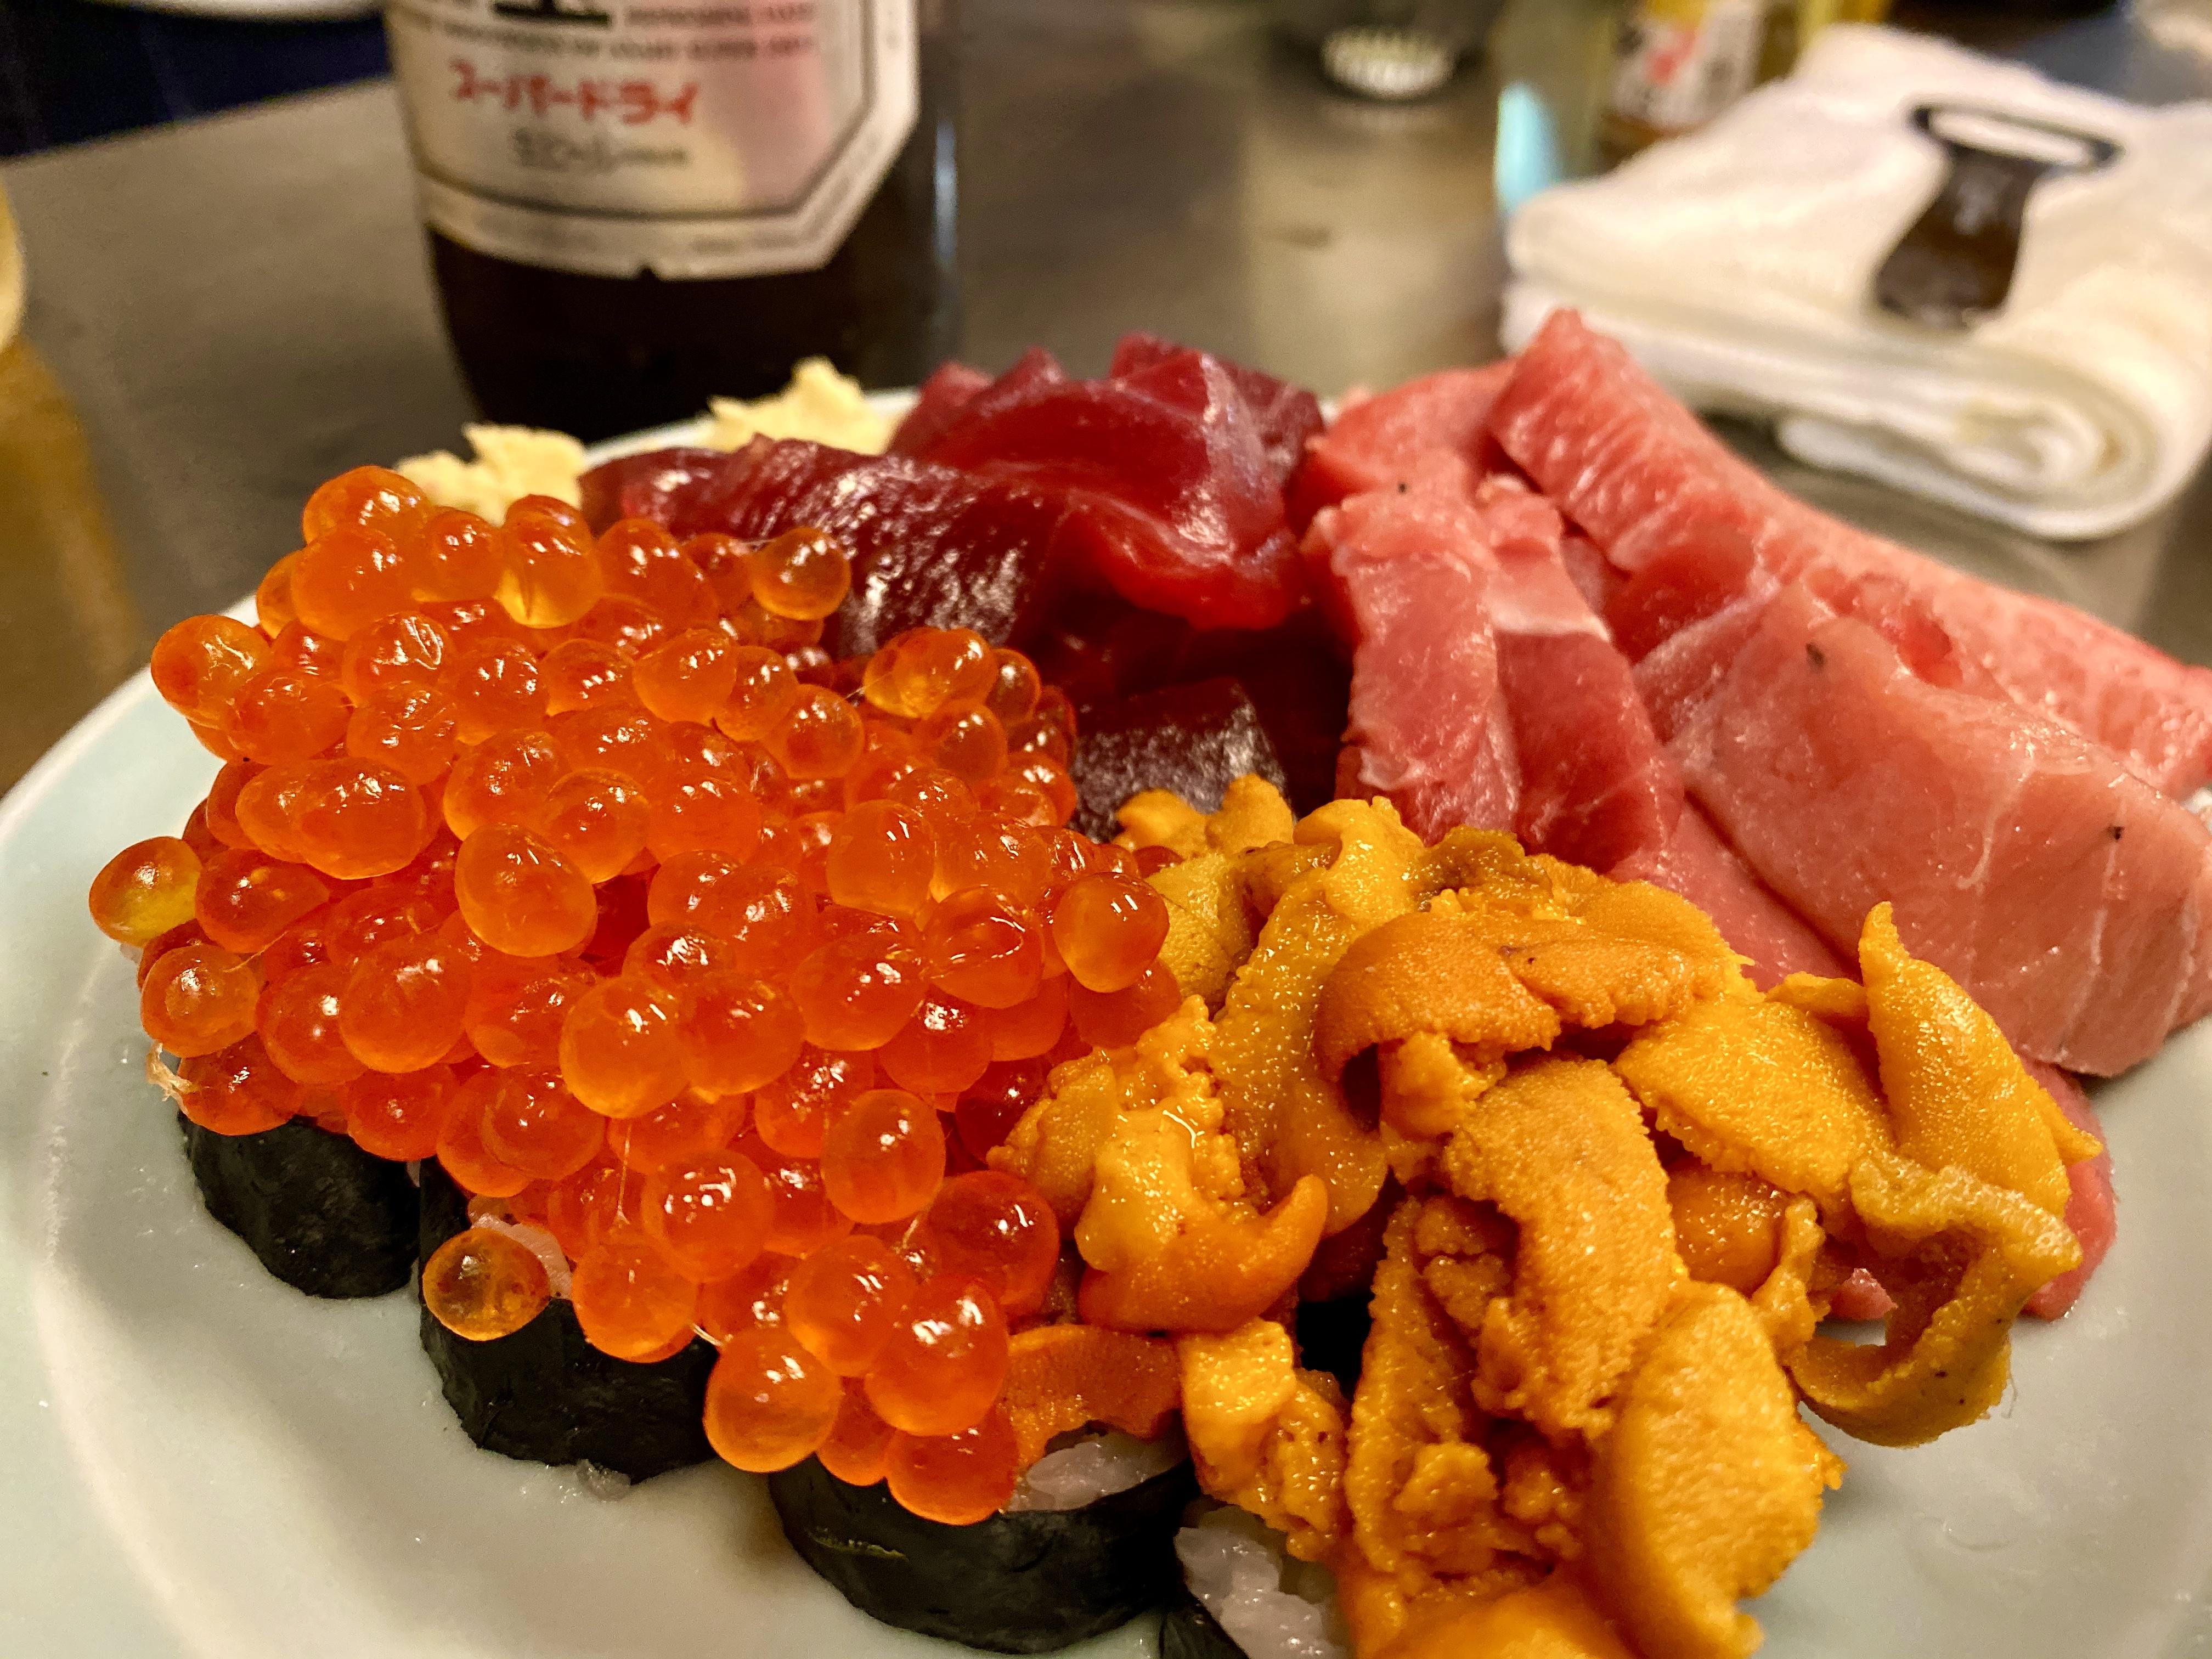 【京橋居酒屋「とよ」】西の魔窟京橋で特盛海鮮食べてみた【食レポ】